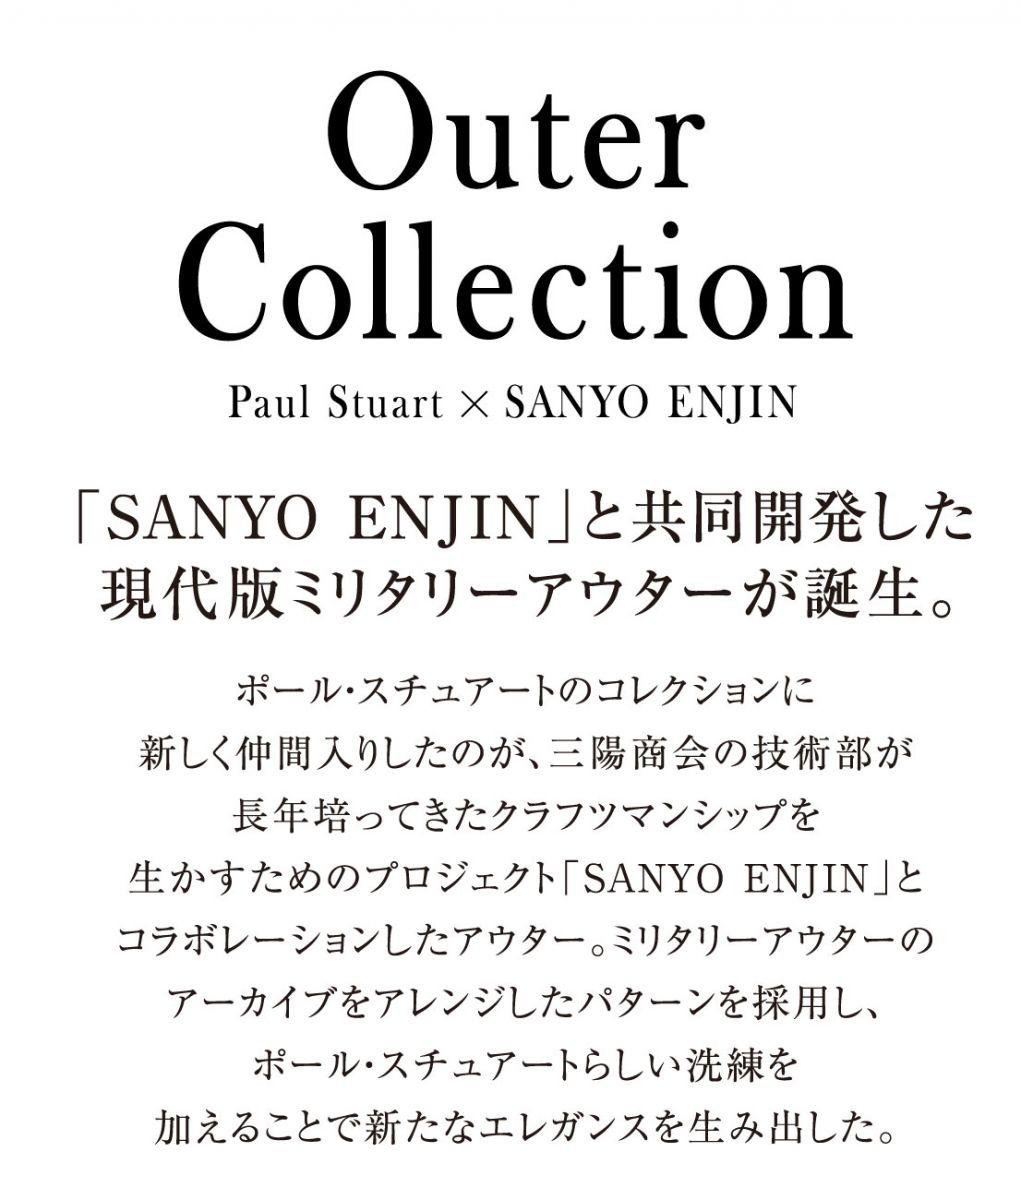 Outer Collection 「SANYO ENJIN」と共同開発した現代版ミリタリーアウターが誕生。ポール・スチュアートのコレクションに新しく仲間入りしたのが、三陽商会の技術部が長年培ってきたクラフツマンシップを生かすためのプロジェクト「SANYO ENJIN」とコラボレーションしたアウター。ミリタリーアウターのアーカイブをアレンジしたパターンを採用し、ポール・スチュアートらしい洗練を加えることで新たなエレガンスを生み出した。